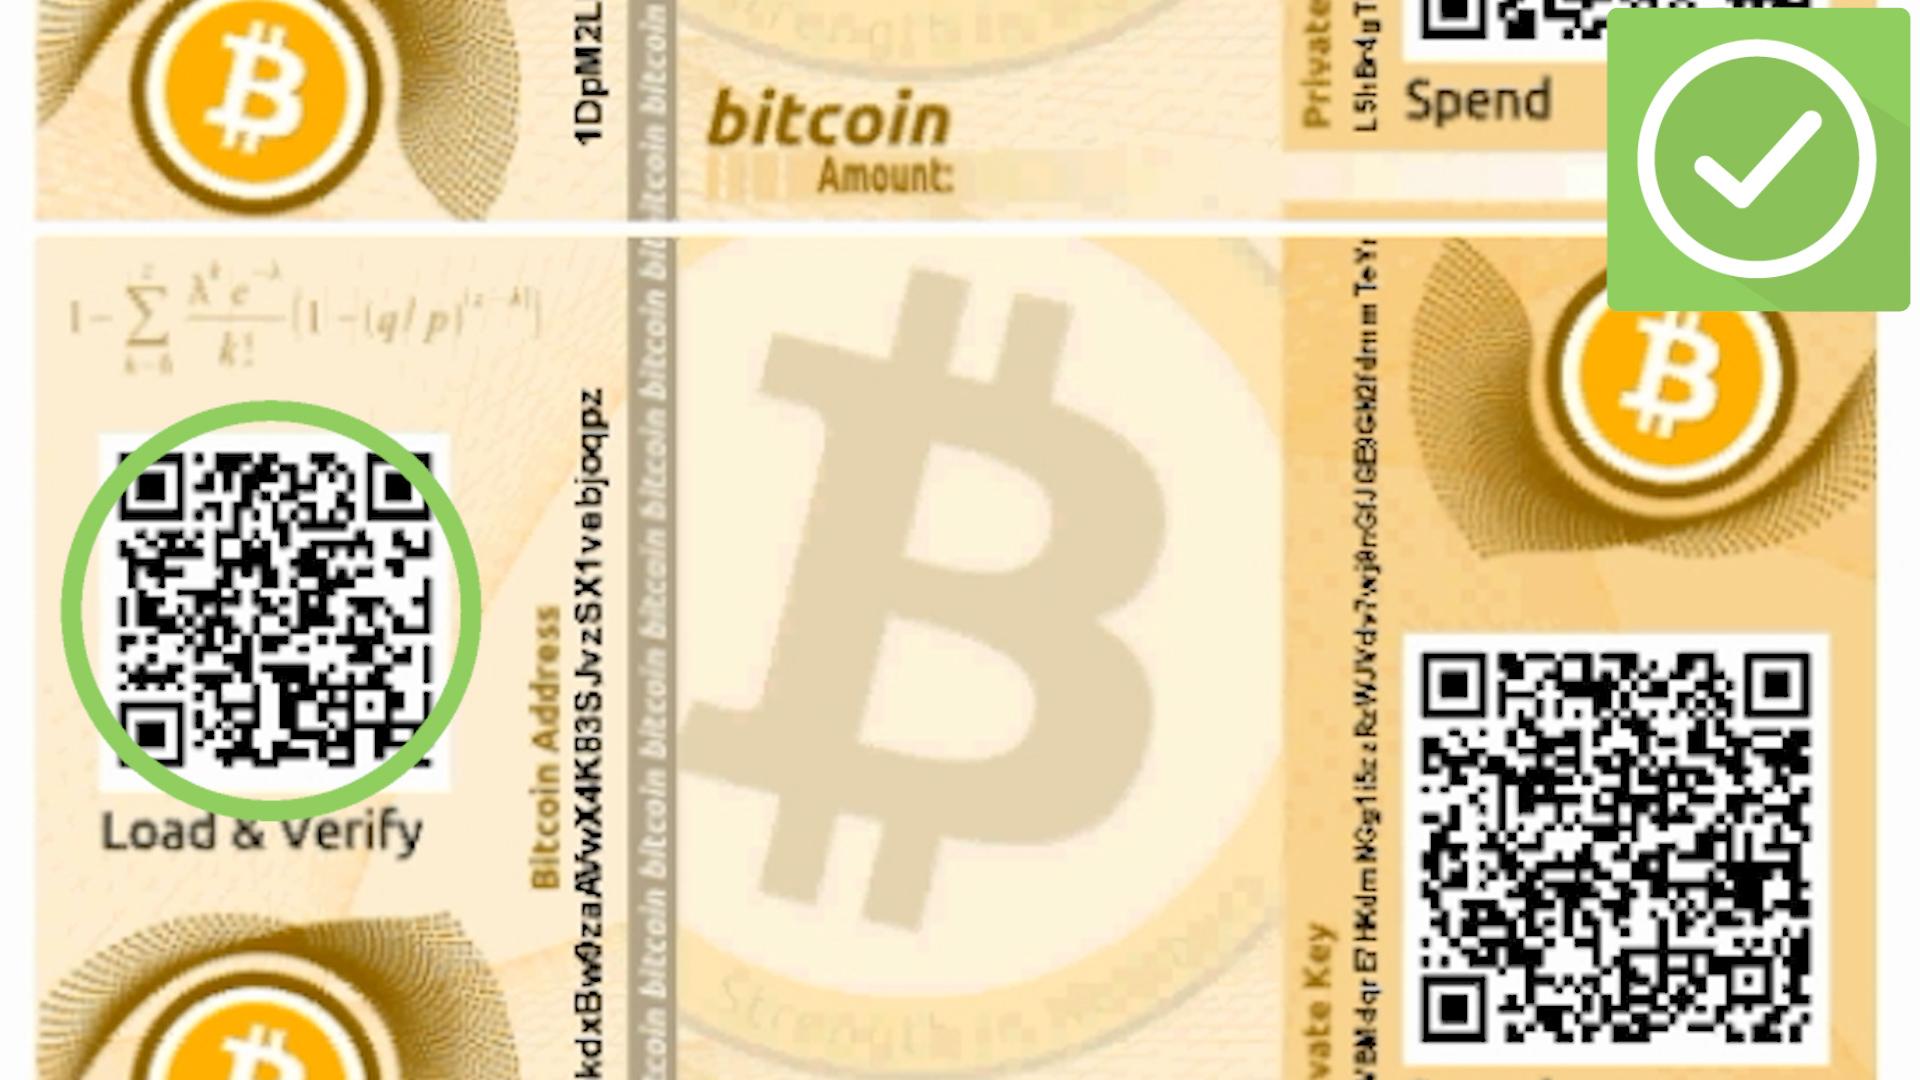 L'FBI ha hackerato le chiavi private del portafoglio Bitcoin degli hacker della pipeline coloniale?